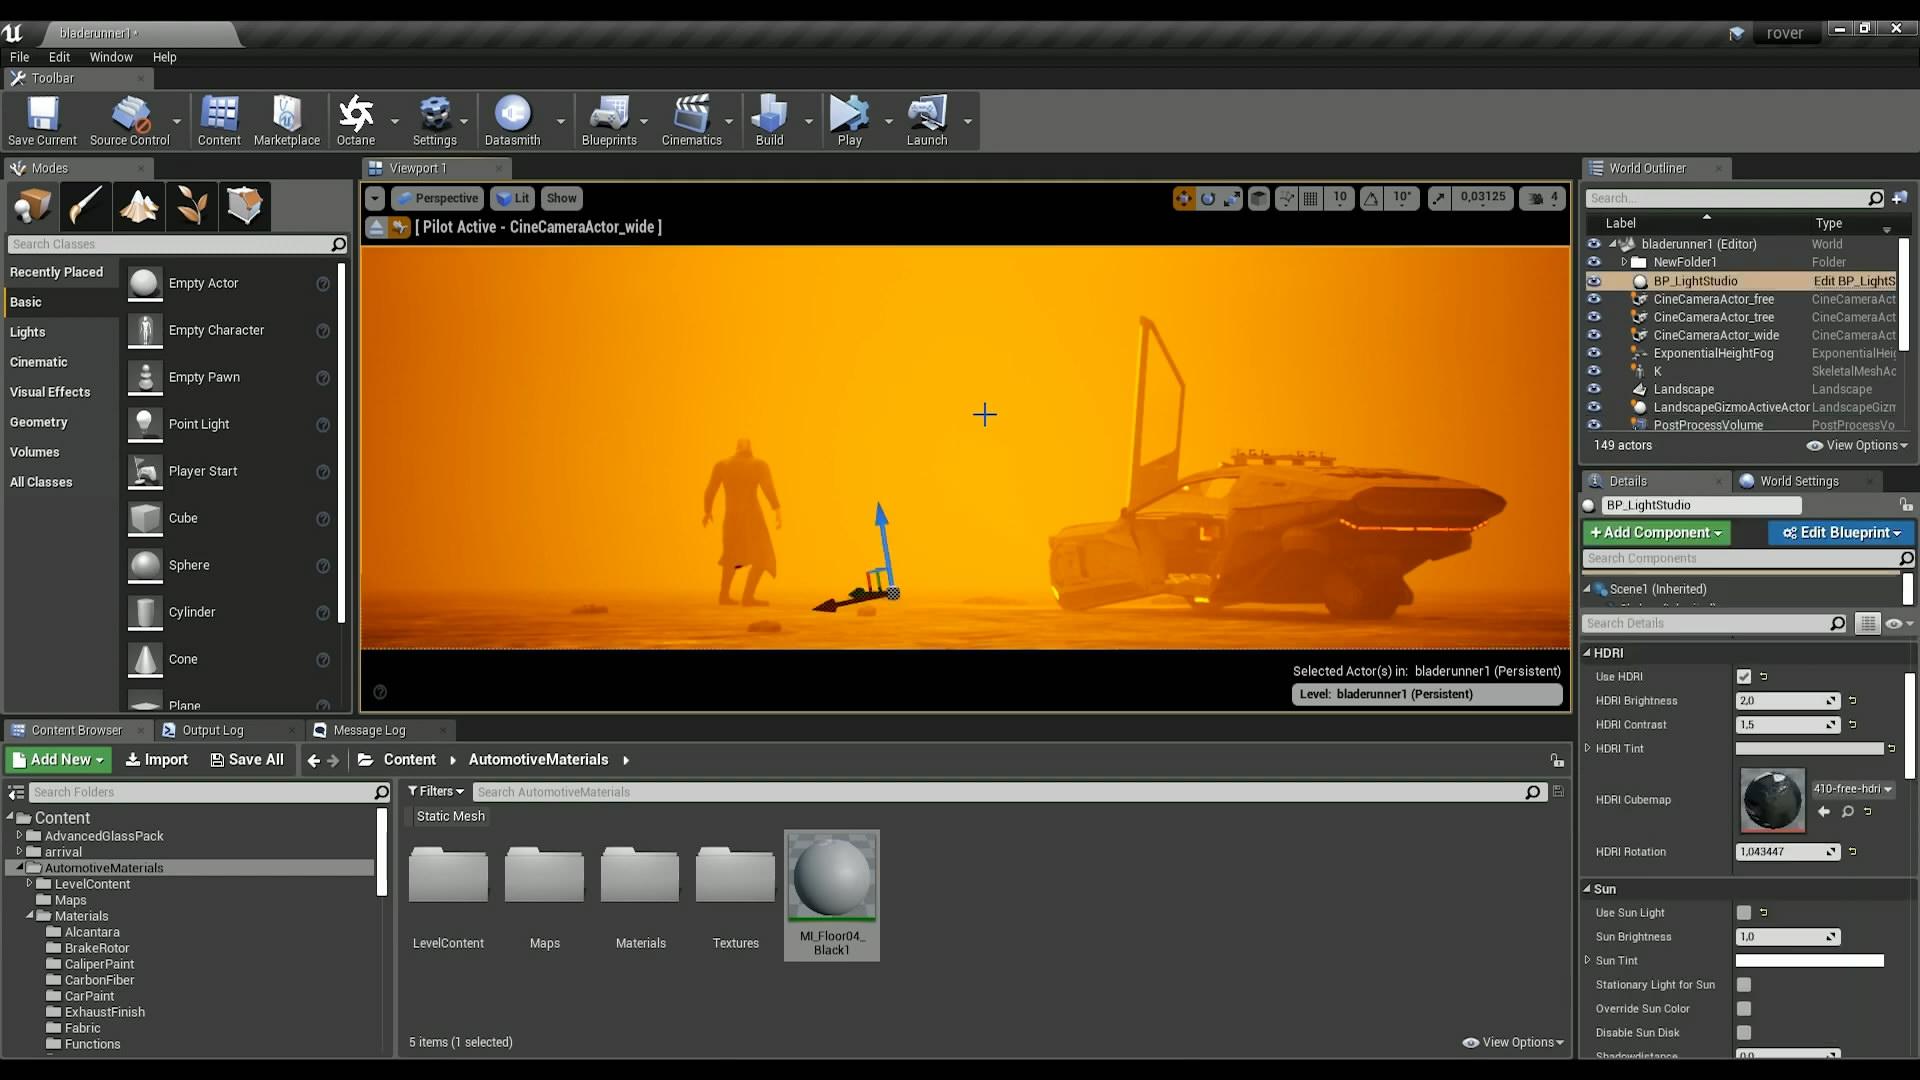 玩家用2080Ti打造《黑暗骑士》《盗梦空间》等场景